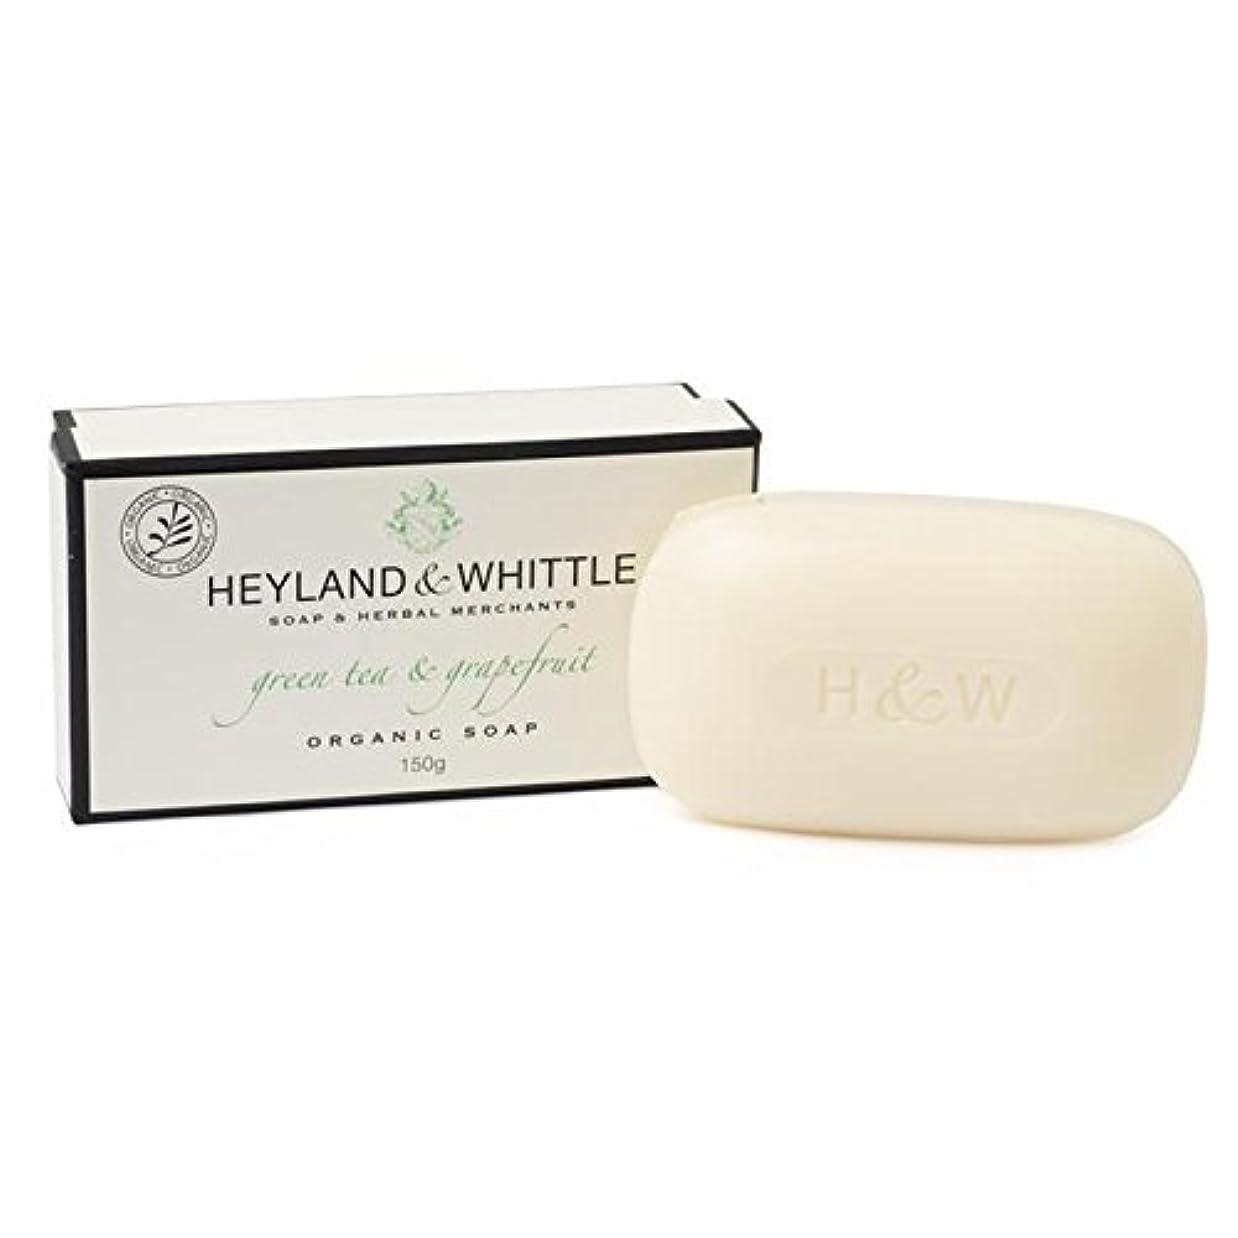 難しい休憩マーチャンダイザーHeyland & Whittle Green Tea & Grapefruit Boxed Organic Soap 150g (Pack of 6) - &削る緑茶&グレープフルーツはオーガニックソープ150グラム箱入...